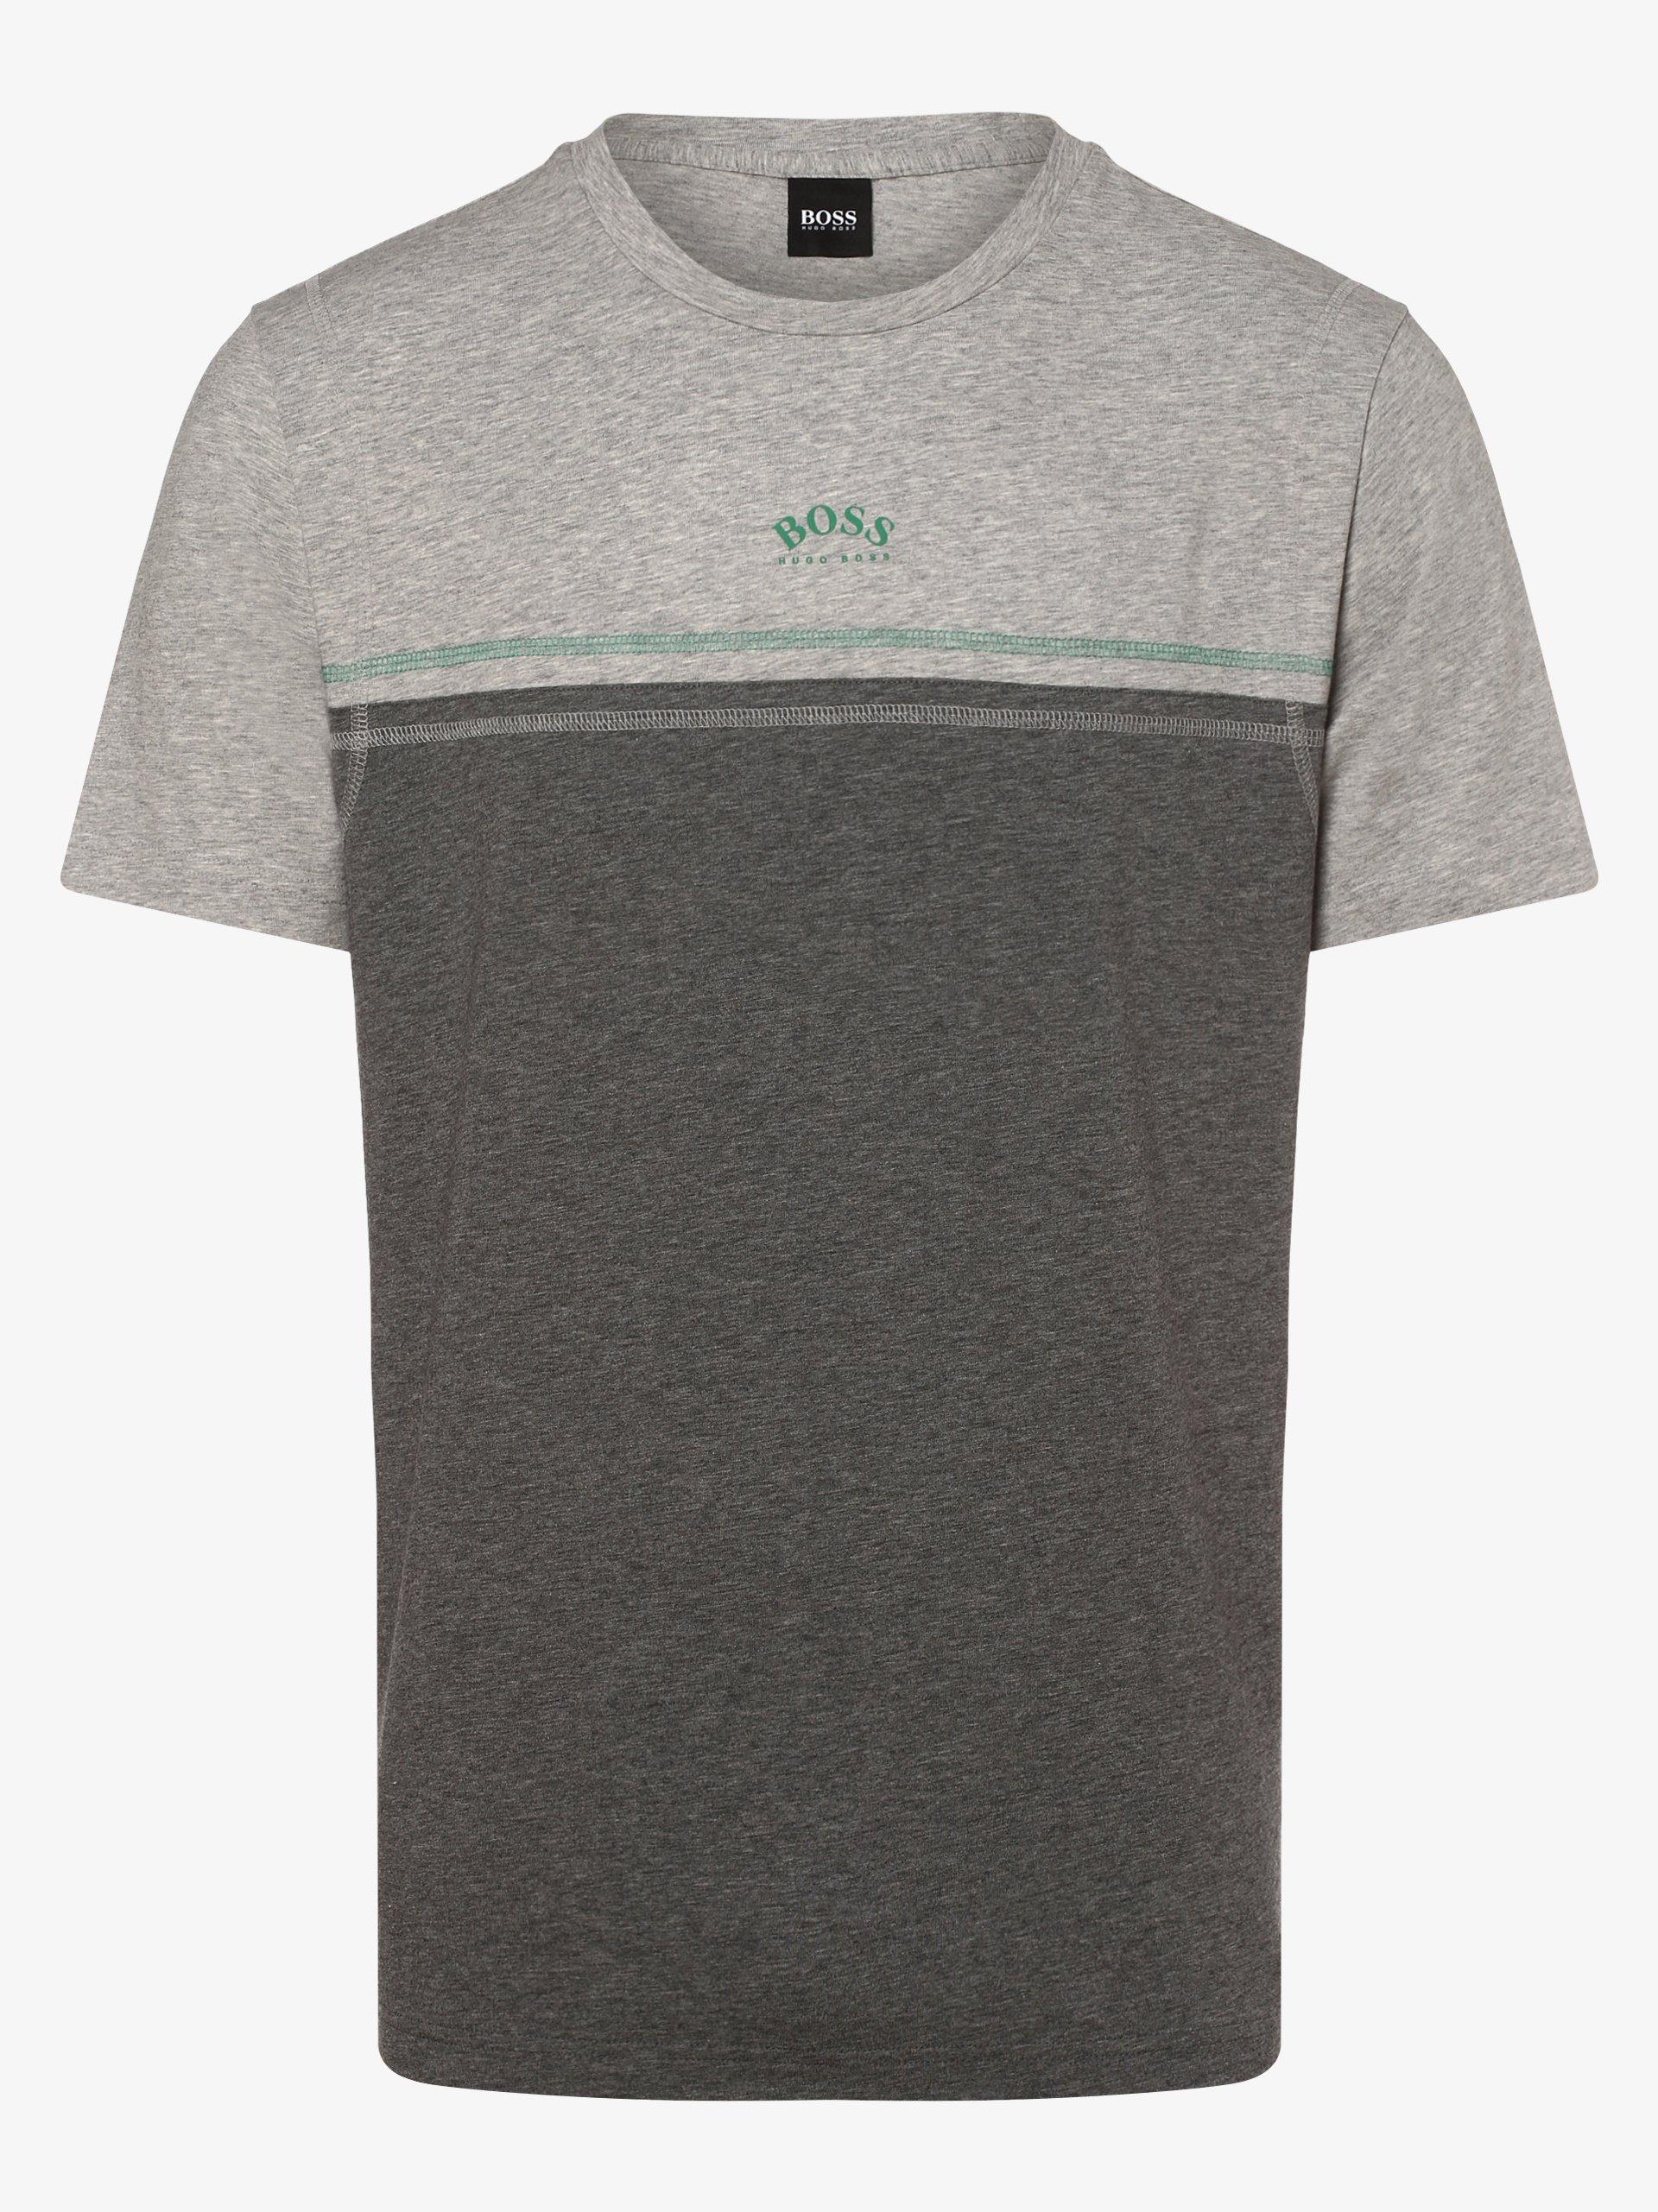 BOSS Athleisure T-shirt męski – Tee 4